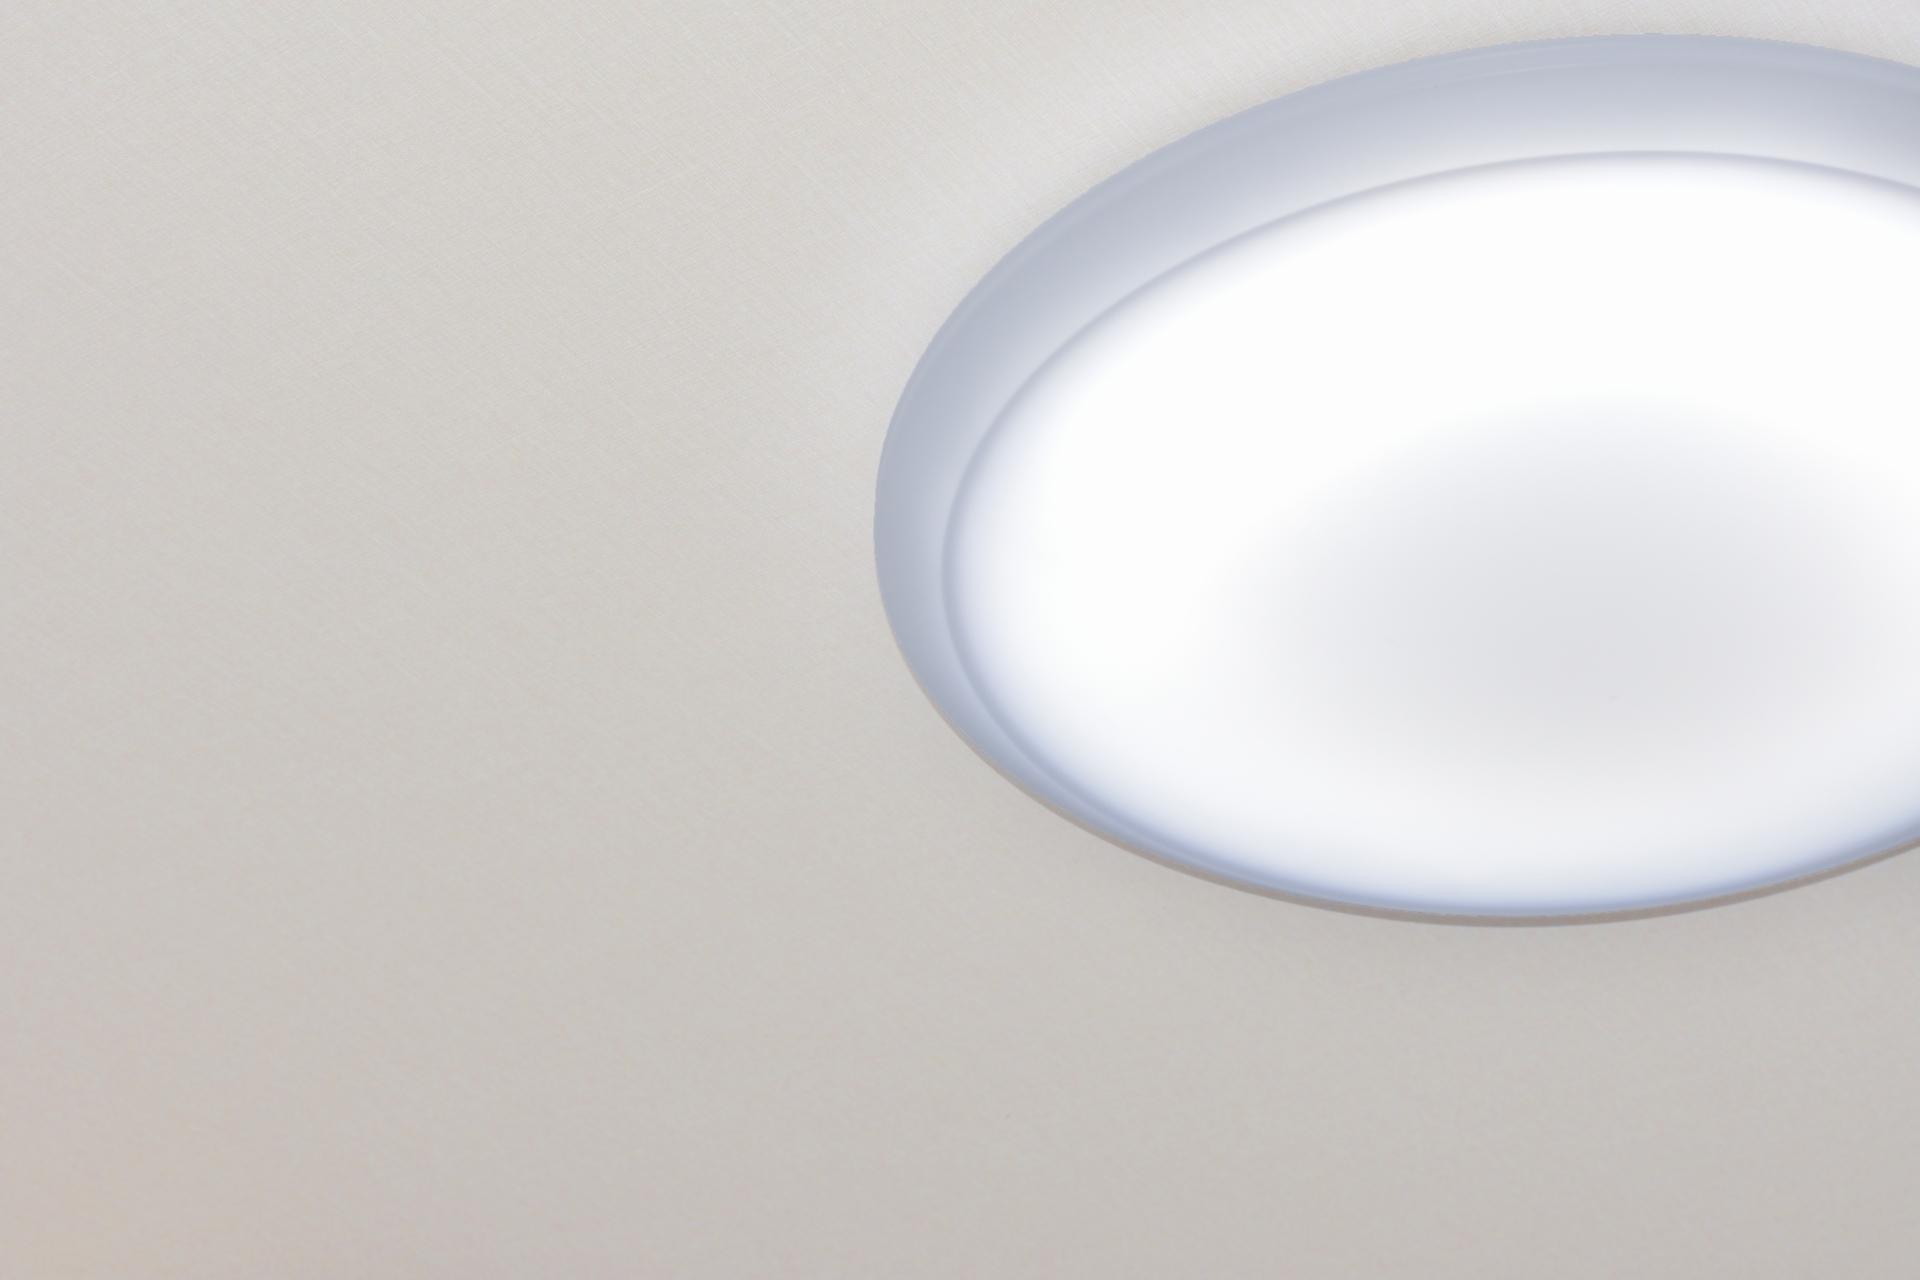 LED電球には寿命がある?寿命だと思われる症状と理由について